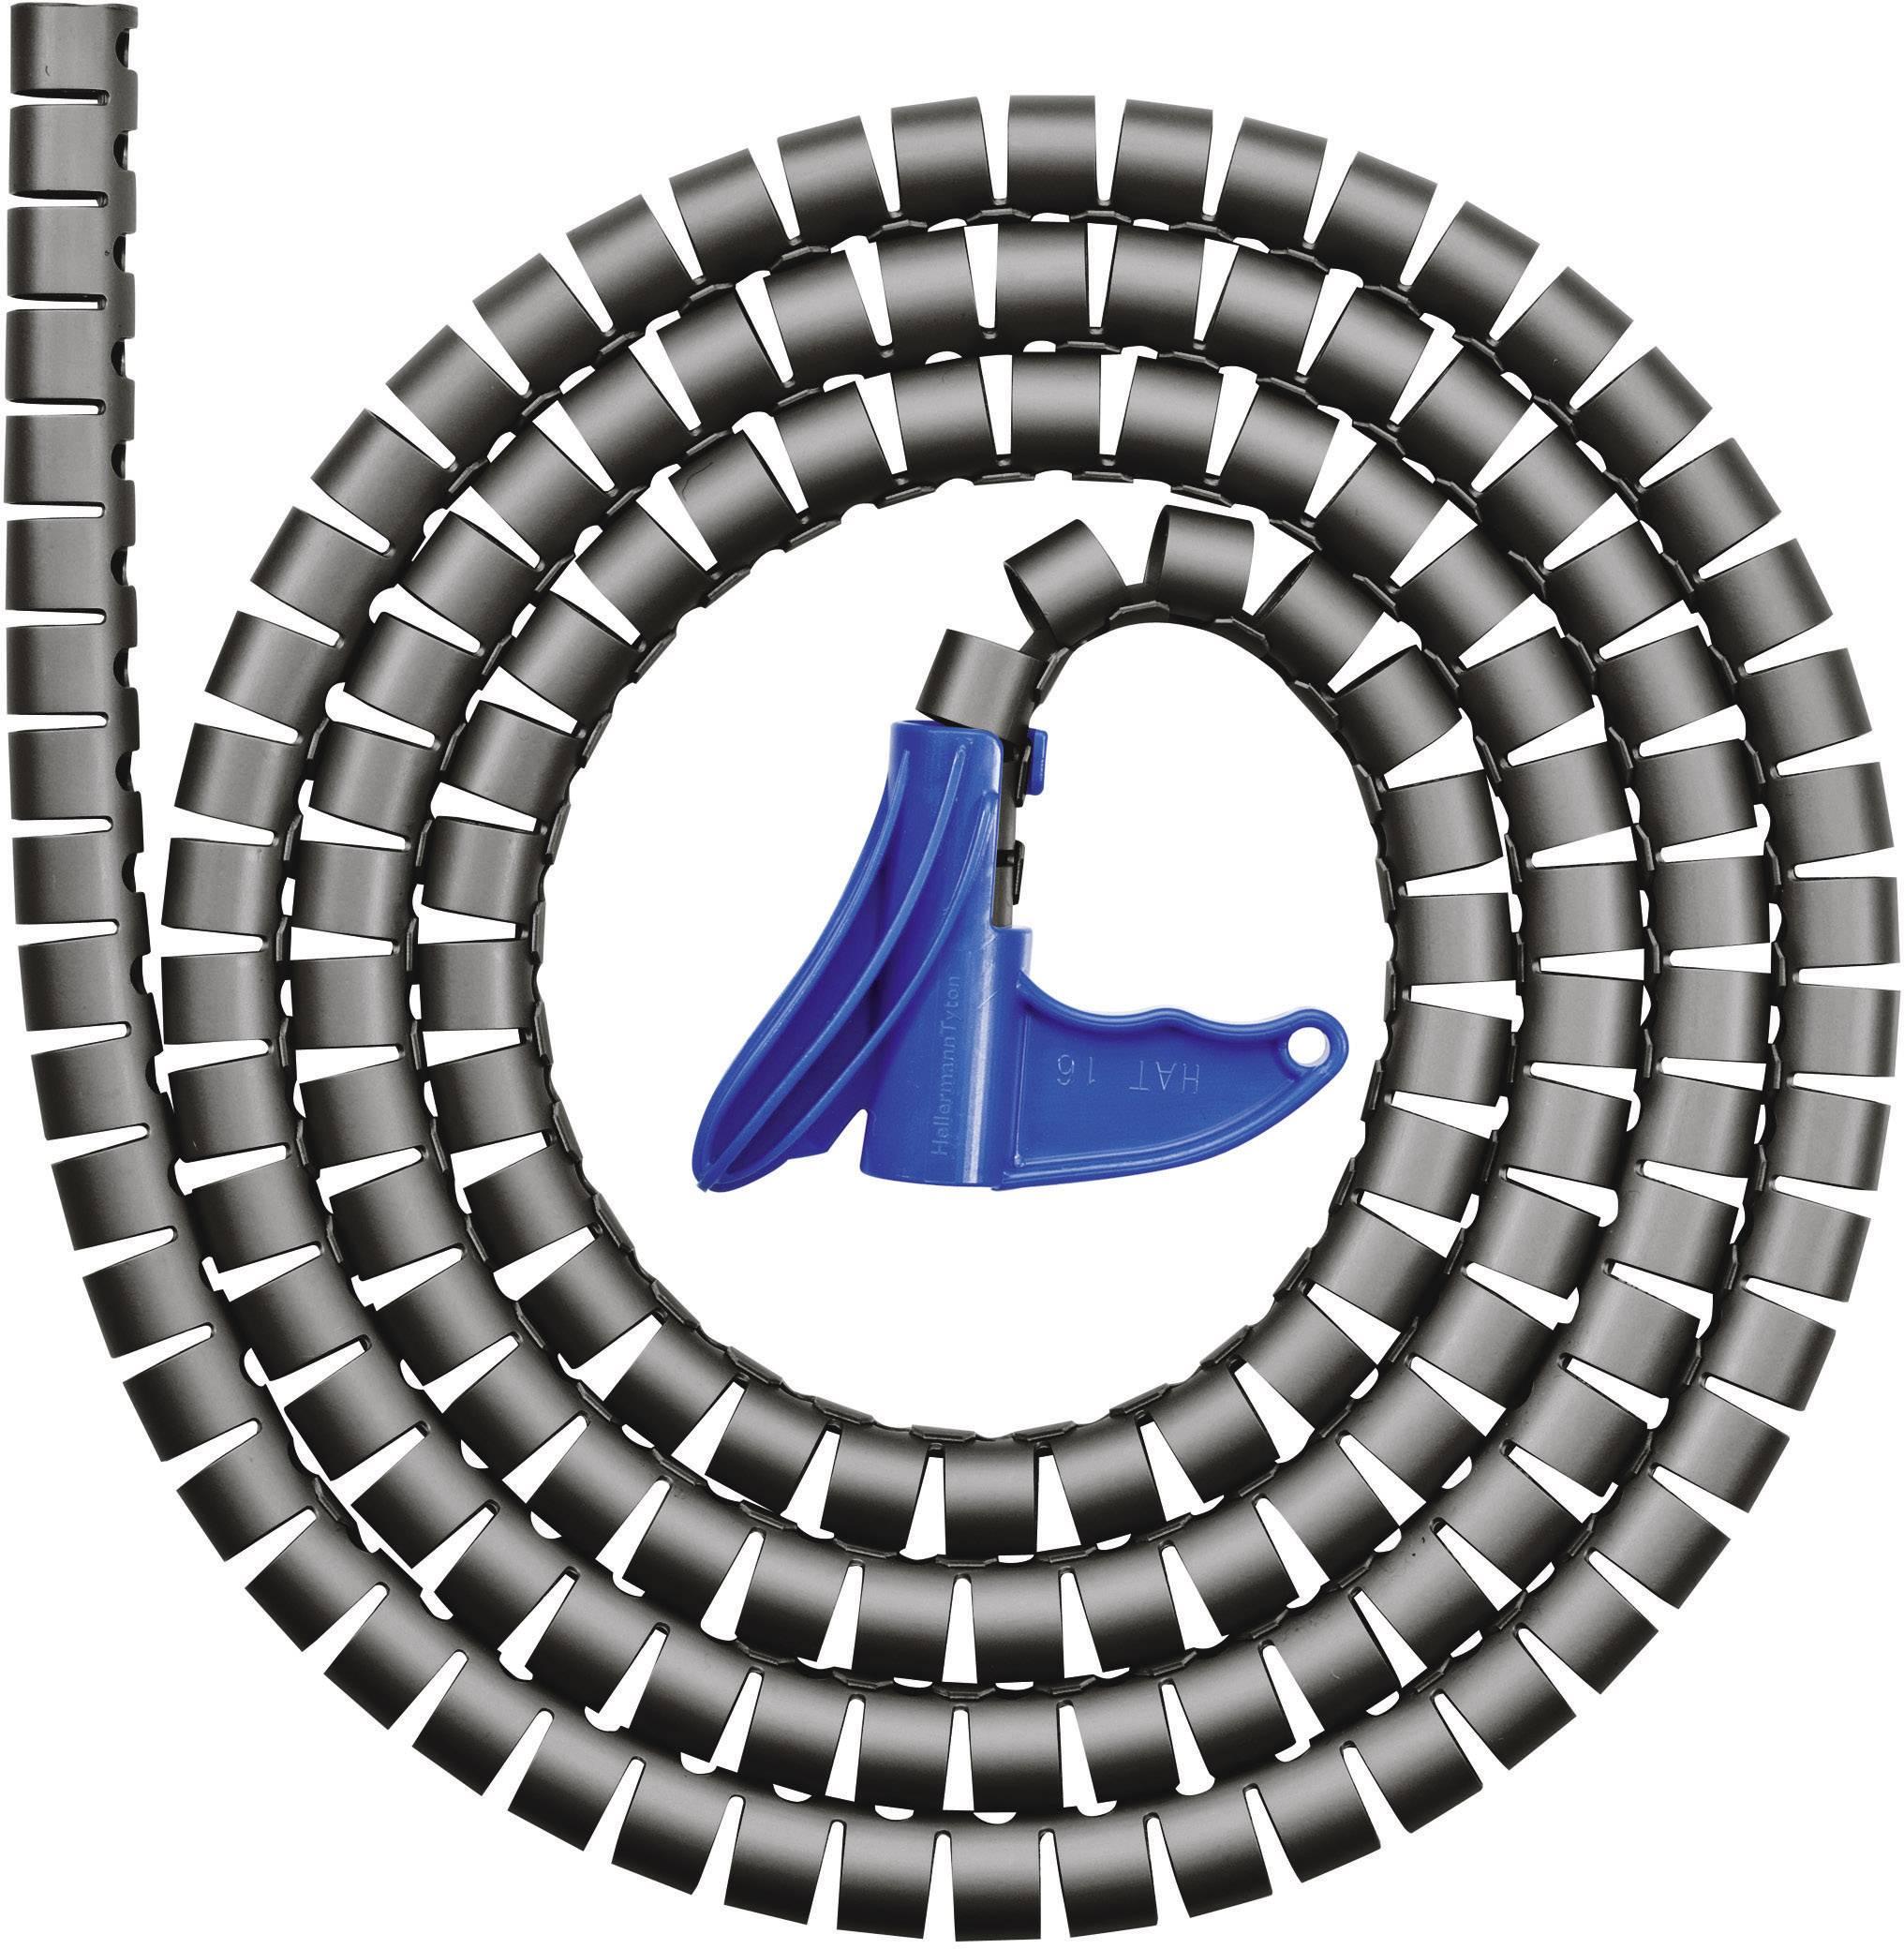 Organizér kabelů HellermannTyton HWPP-8MM-PP-BK-Q1 (161-64101), 0.75 mm, 9 mm, černá